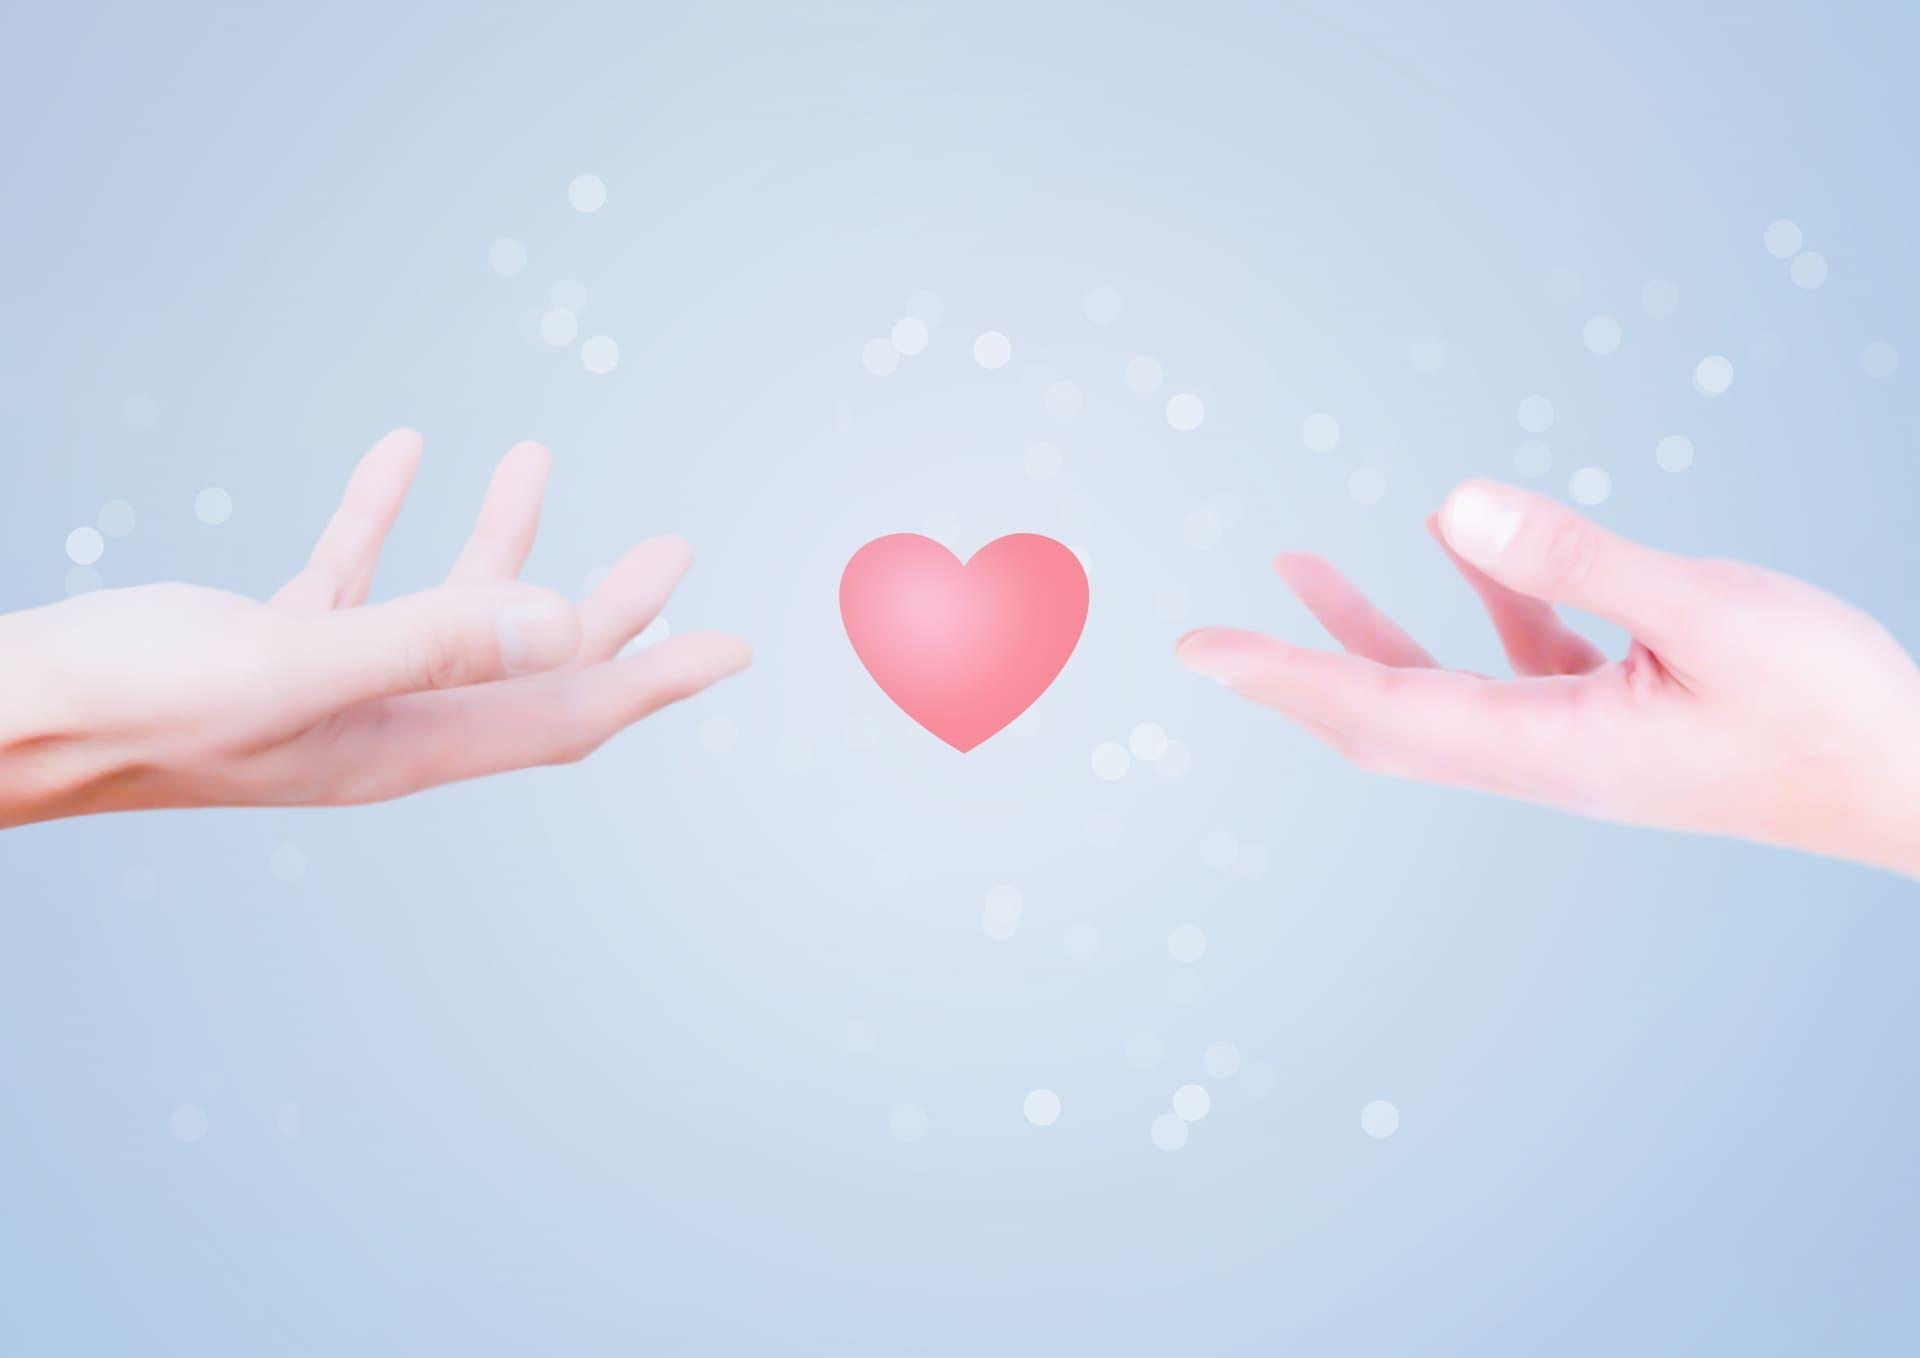 水晶玉子の相性占い|生年月日で分かる!あなたと相手の相性、恋結末